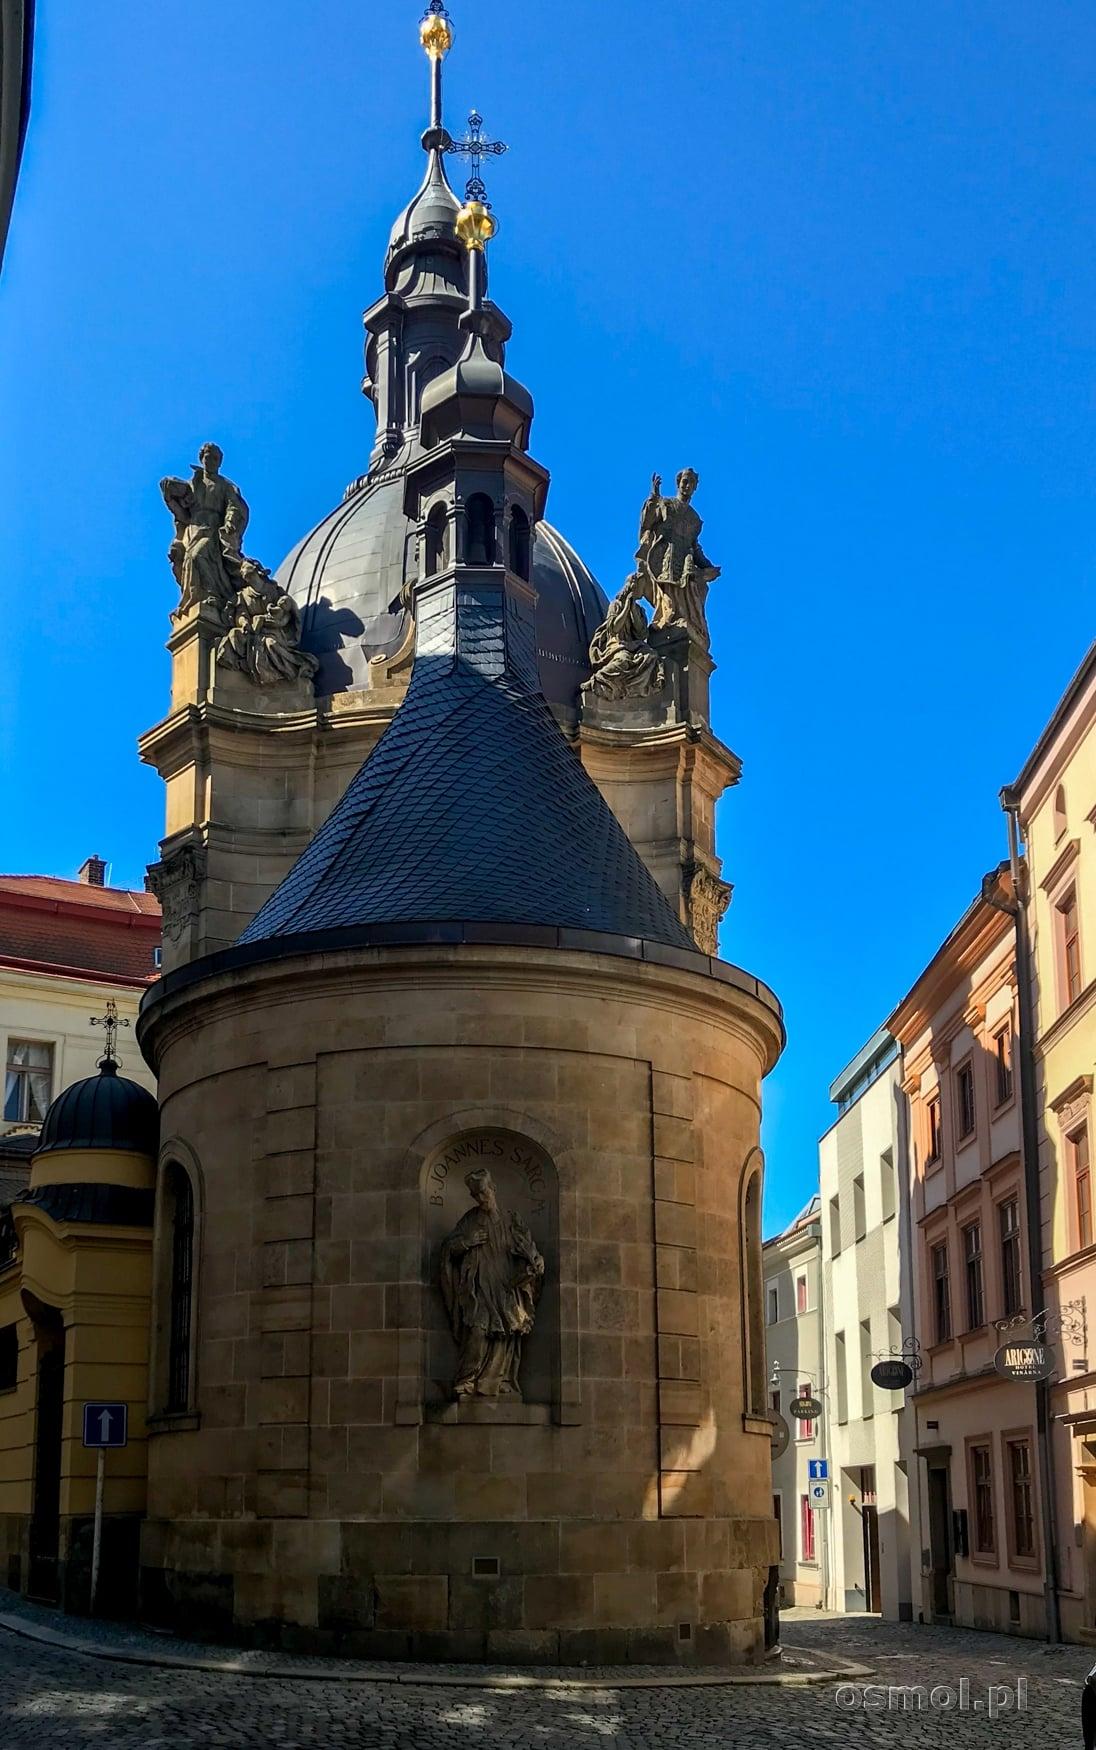 Kaplica św. Jana Sarkandra w Ołomuńcu